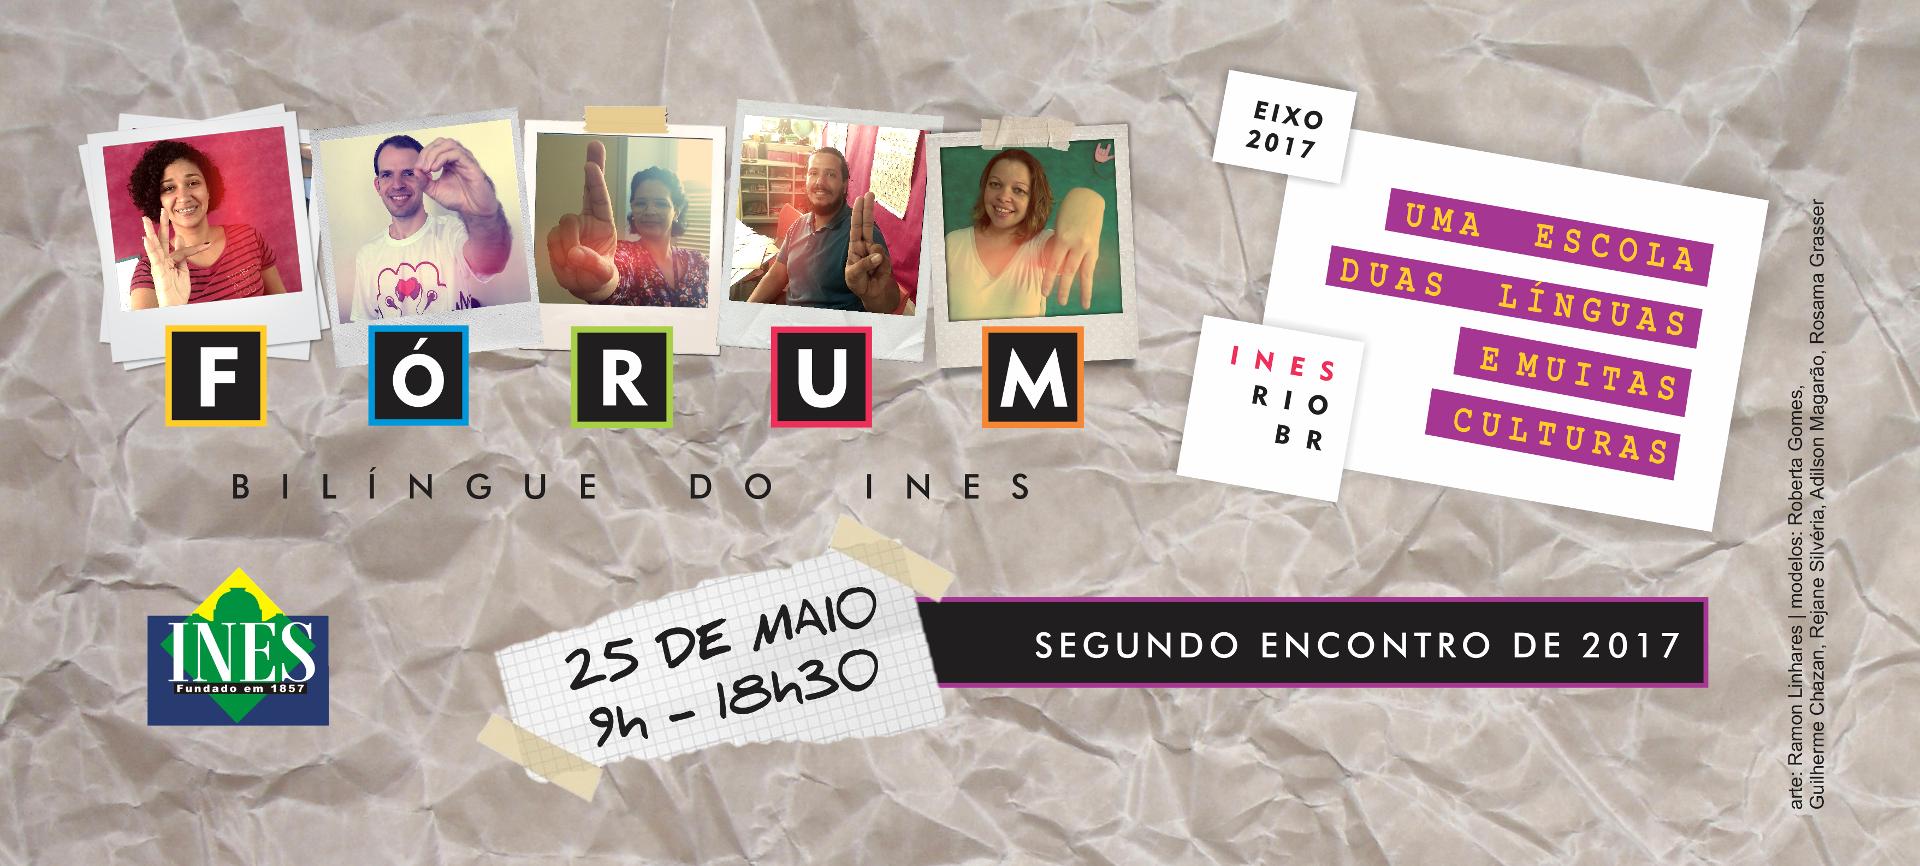 INES abre inscrições para o Fórum Bilíngue que ocorrerá dia 25 de maio